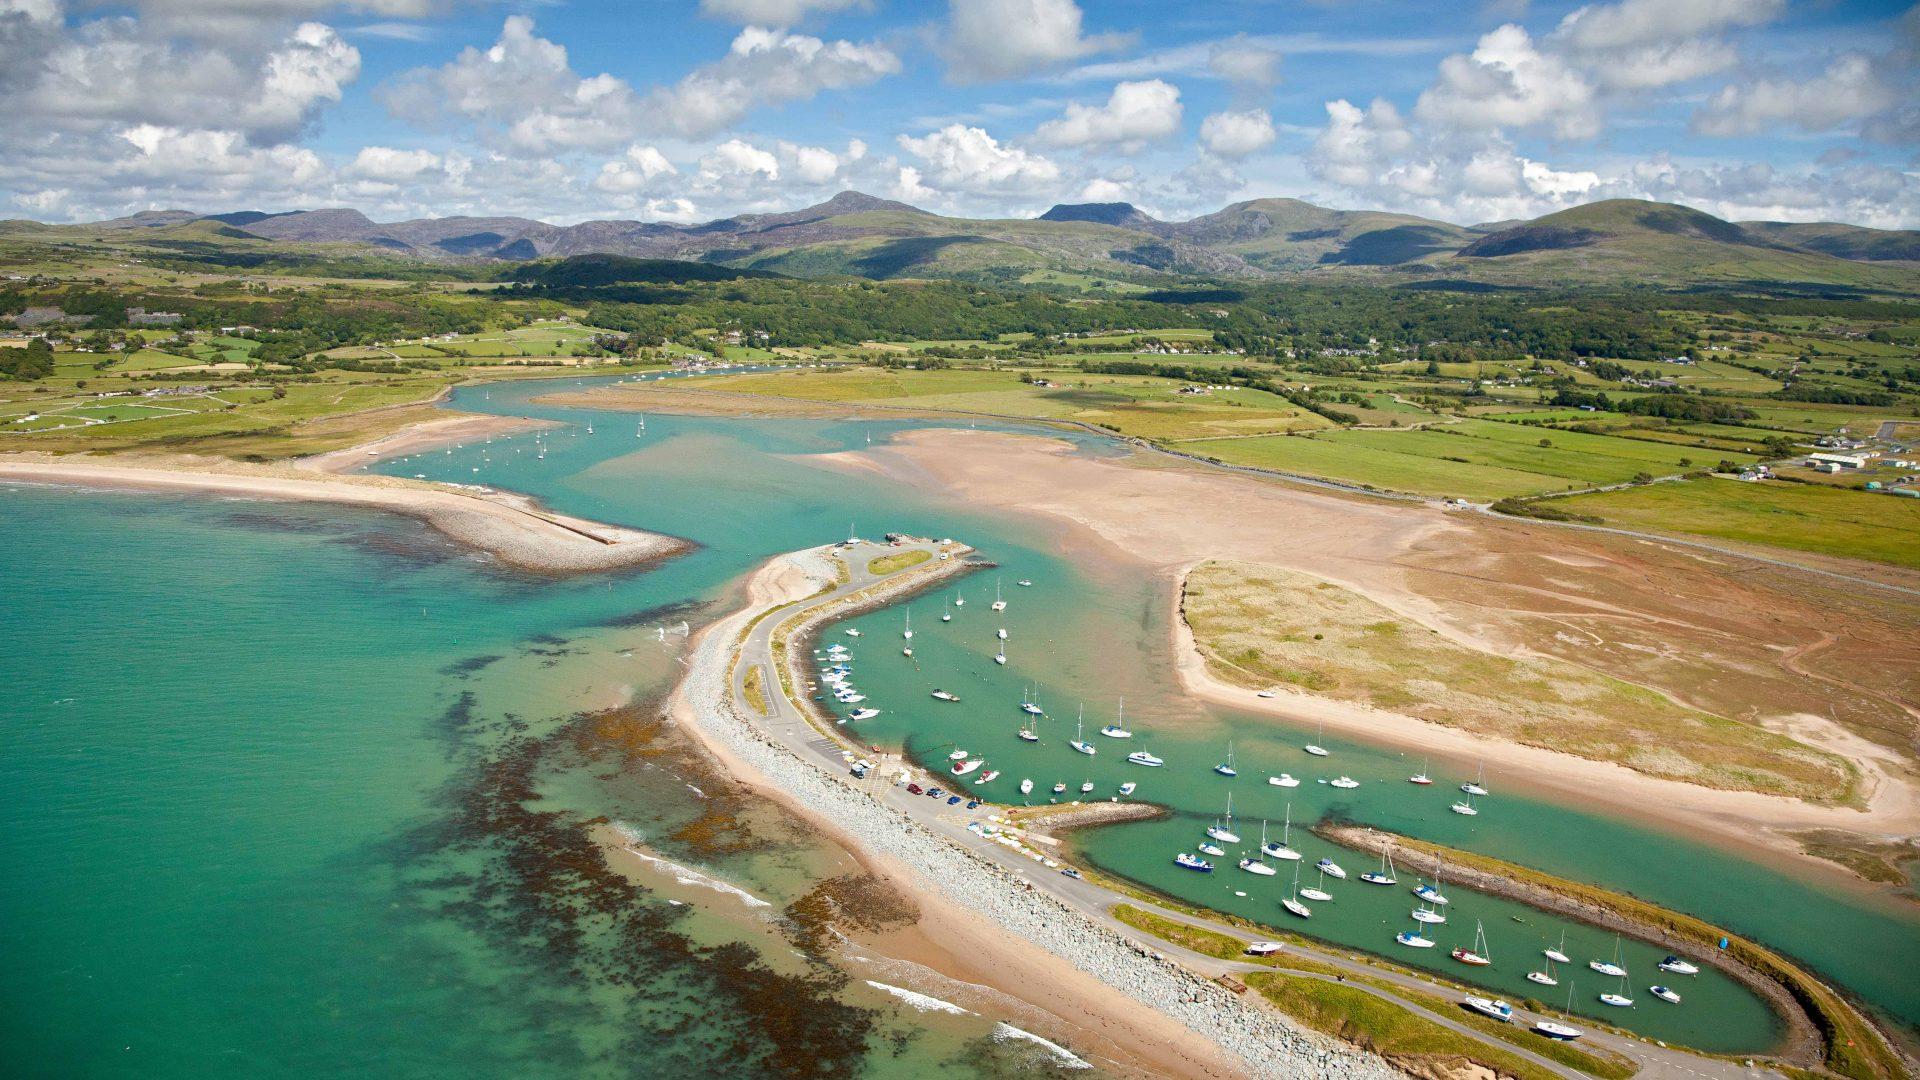 Aerial view of Shell Island Mochras Gwynedd Mid Coastal Scenery